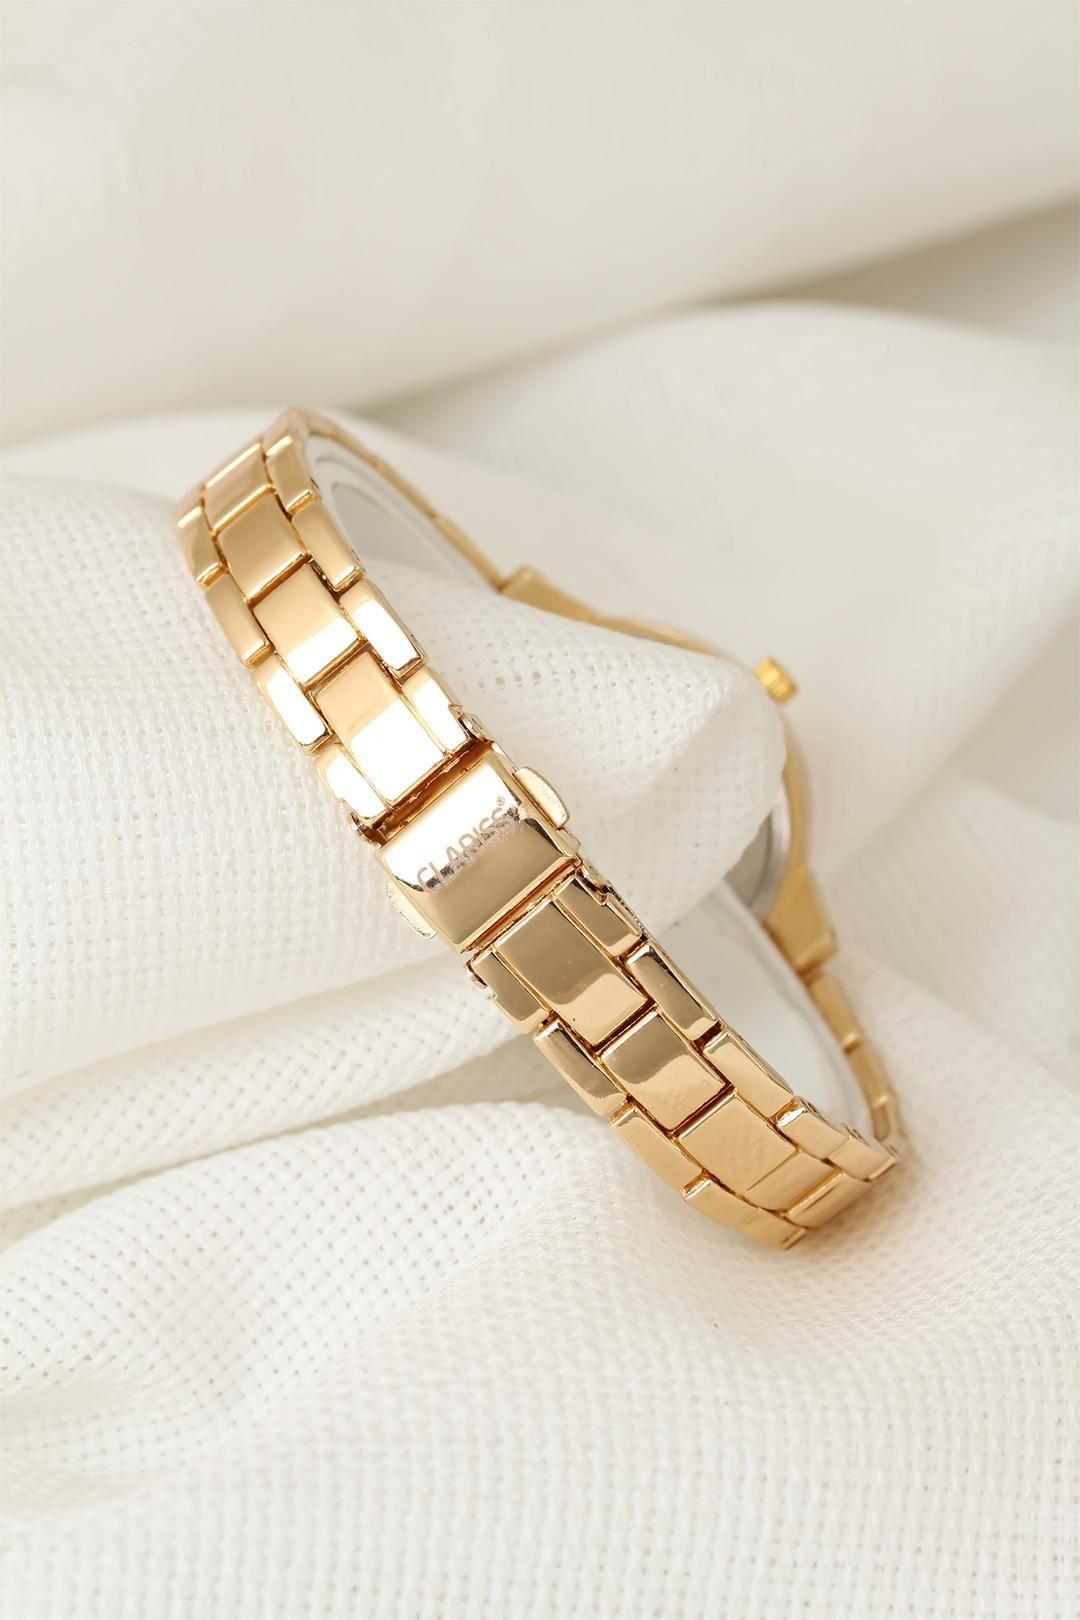 Gold Renk Metal Kordonlu Sarı Renk Zirkon Taşlı İç Tasarımlı Clariss Marka Bayan Kol Saati